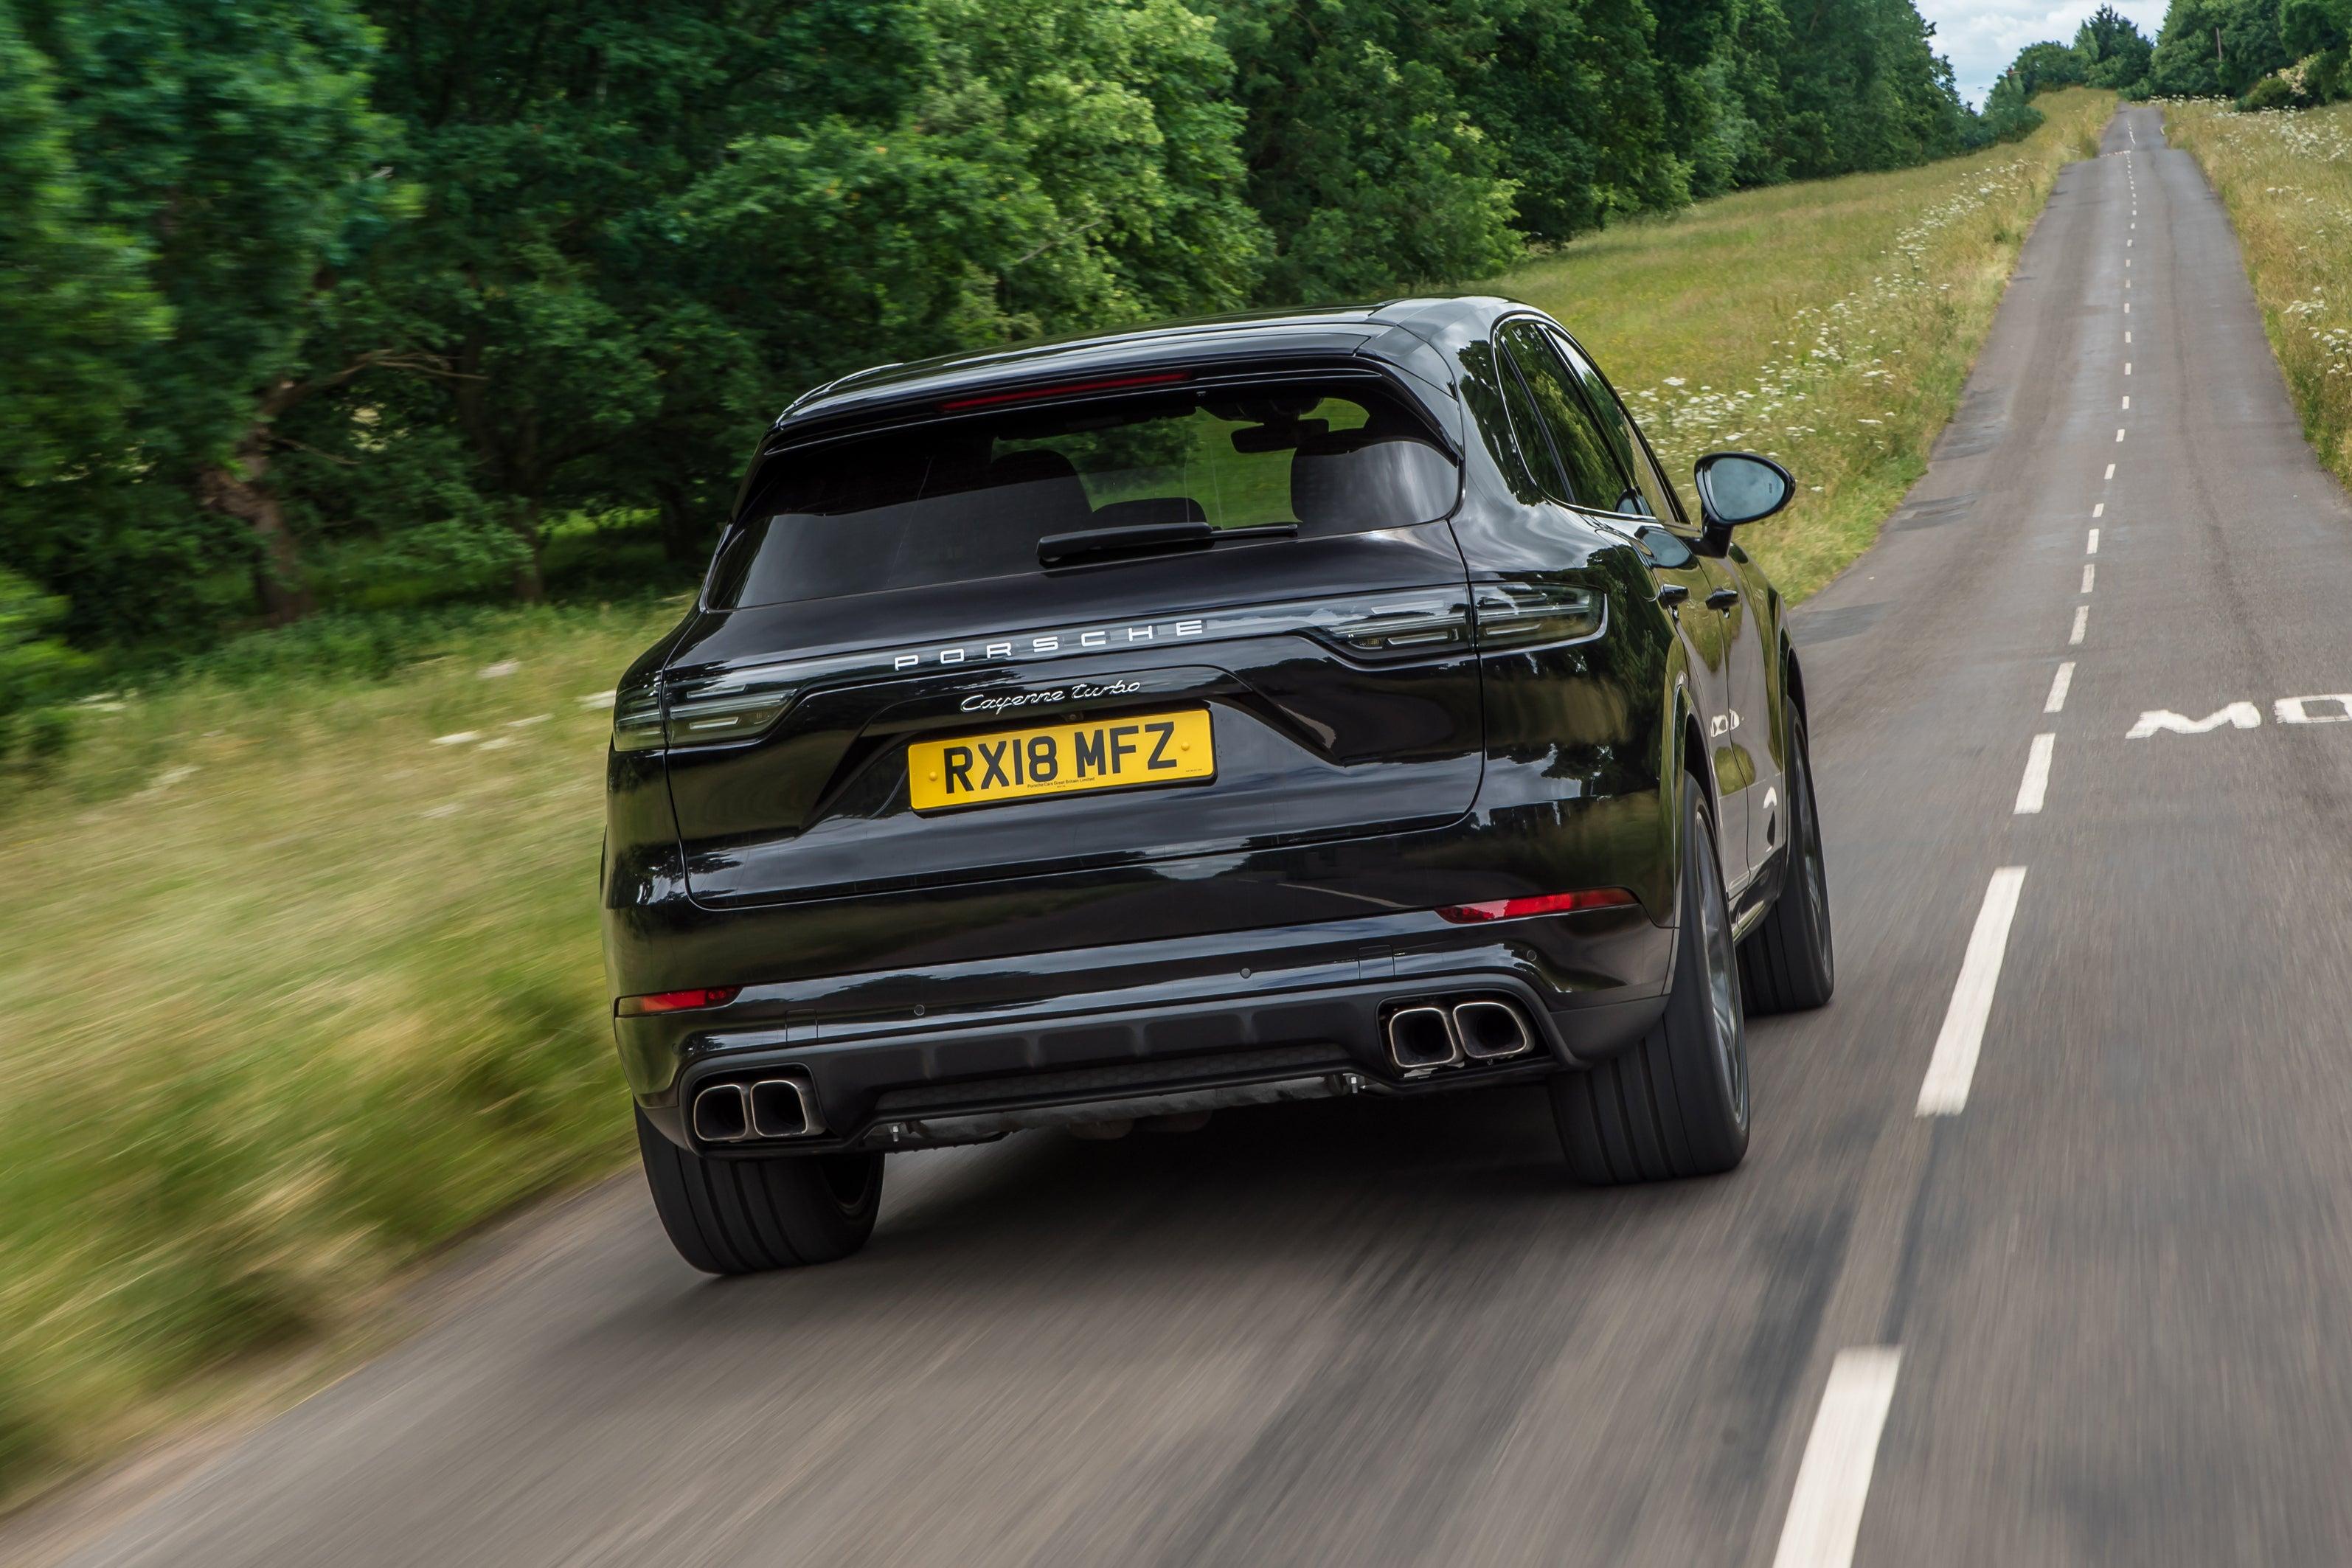 Porsche Cayenne Rear View